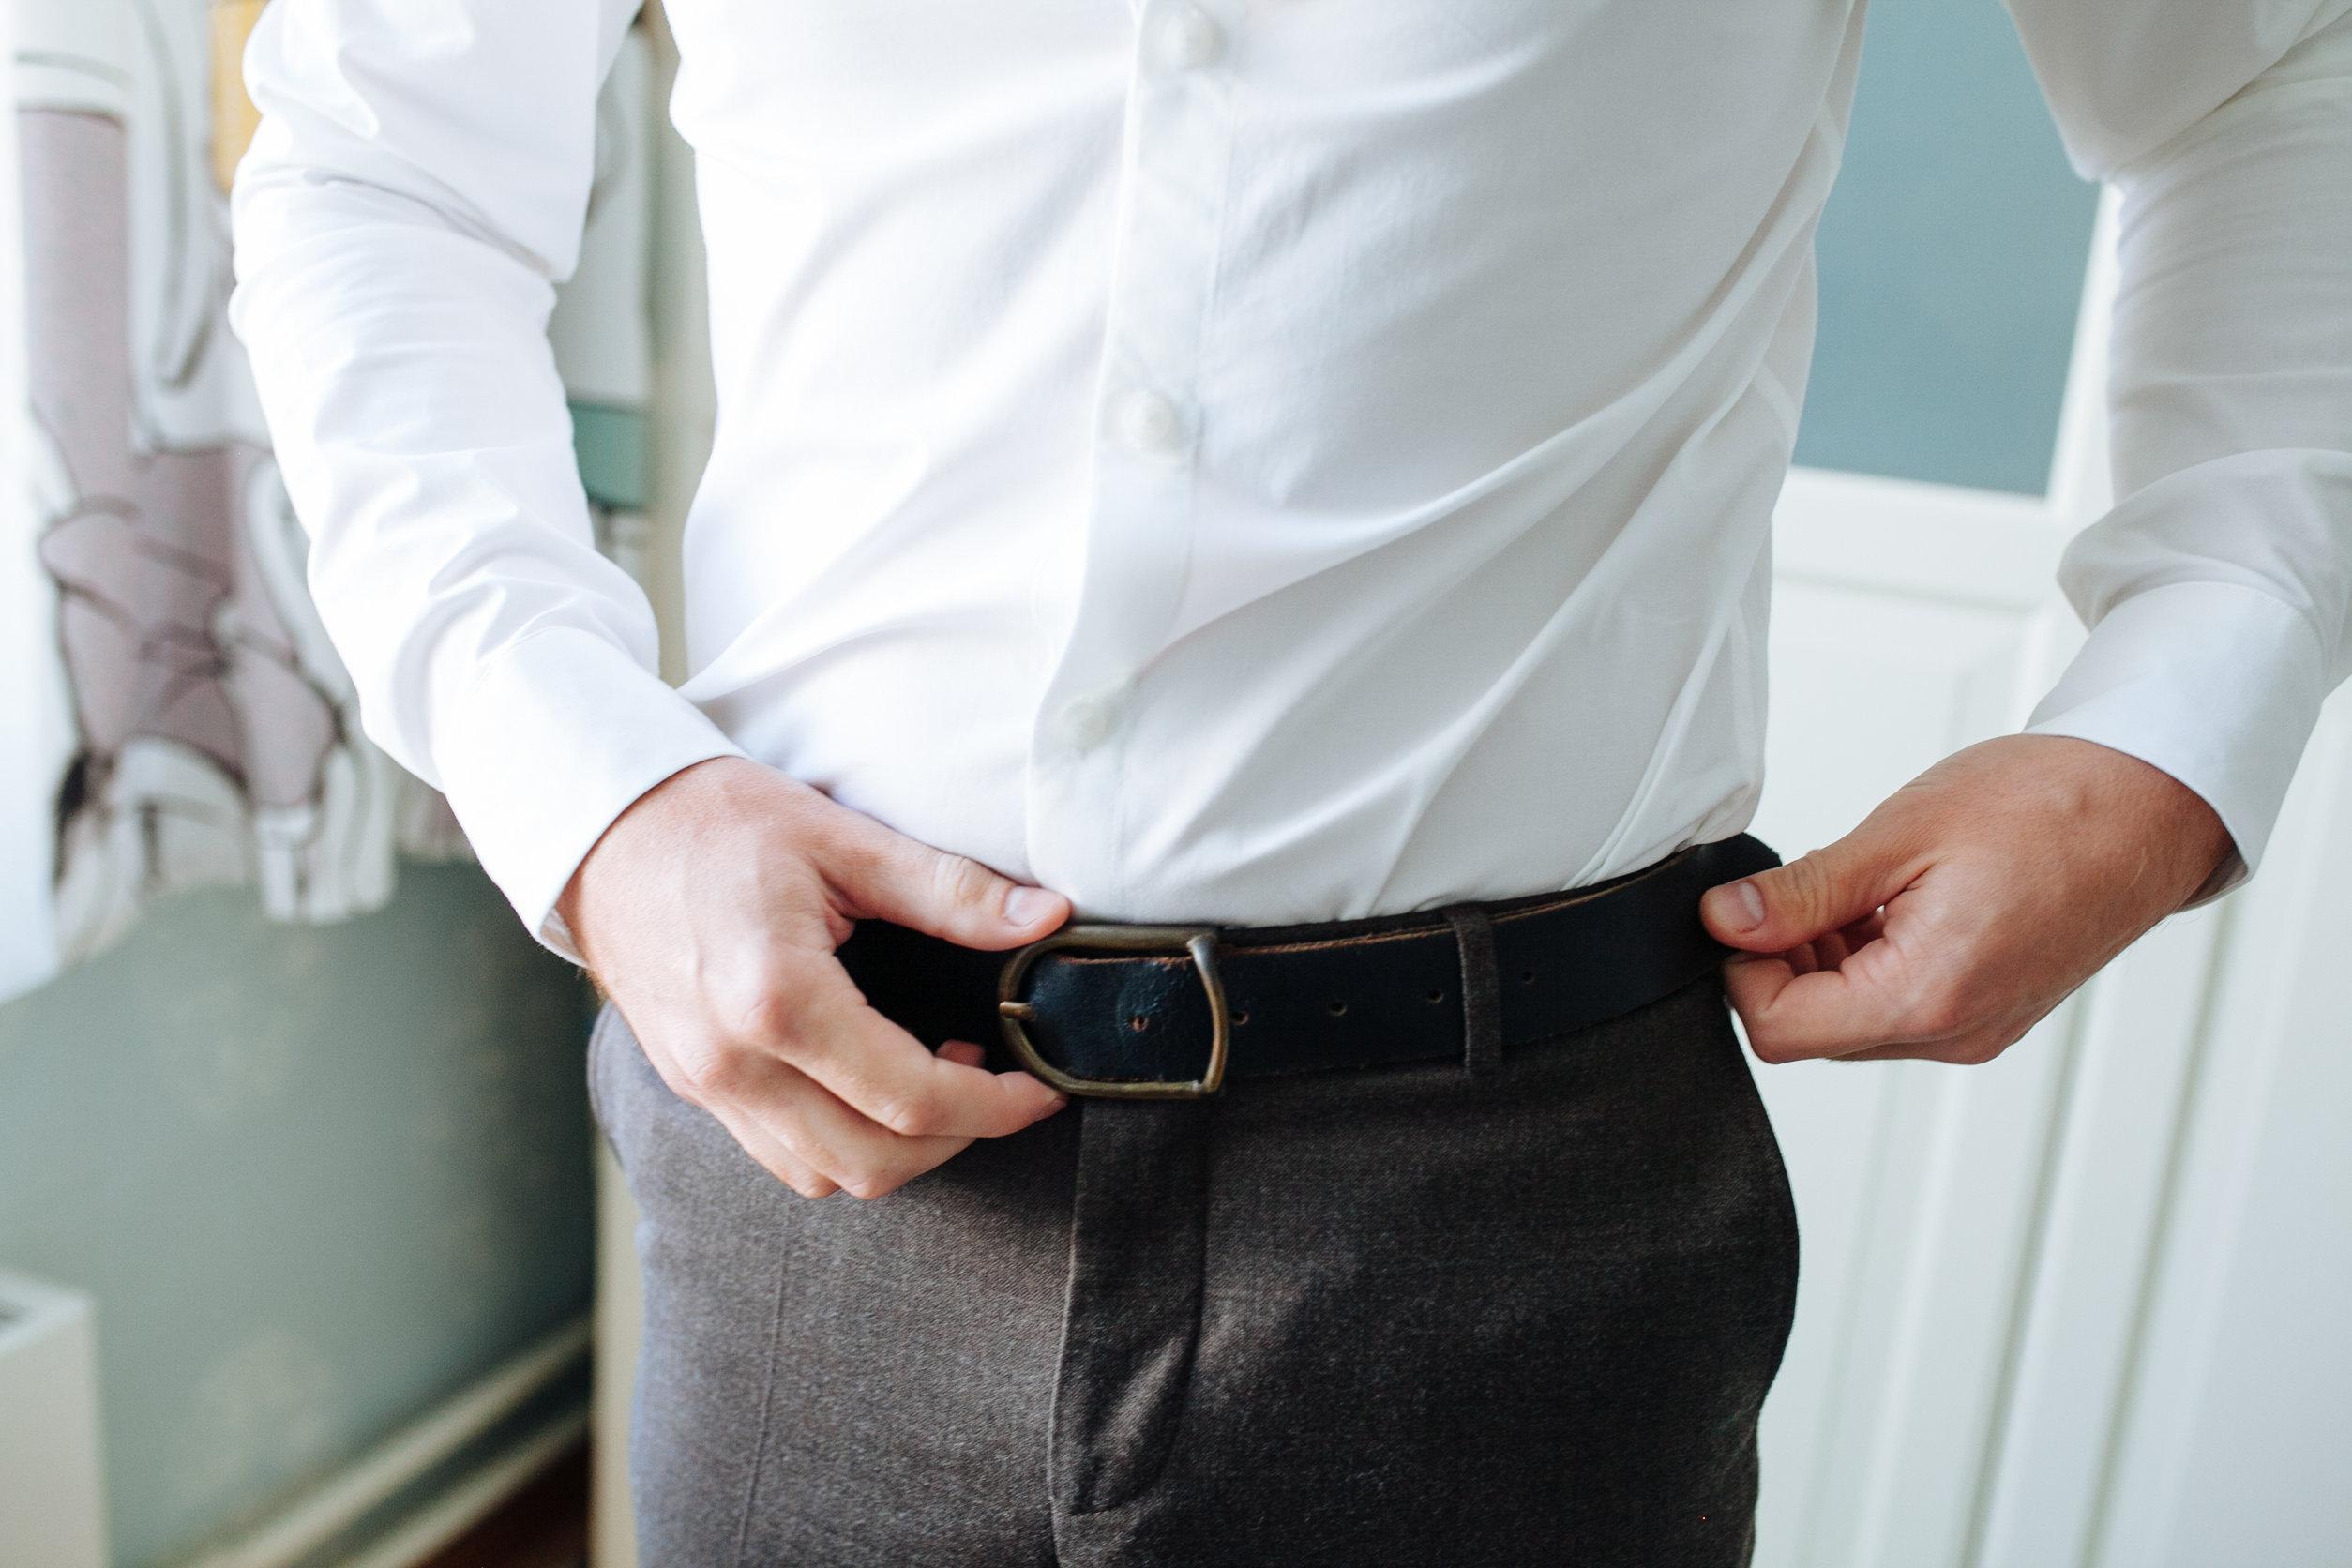 O homem de calças castanhas e uma camisa branca prendeu um cinto de calças de couro preto.